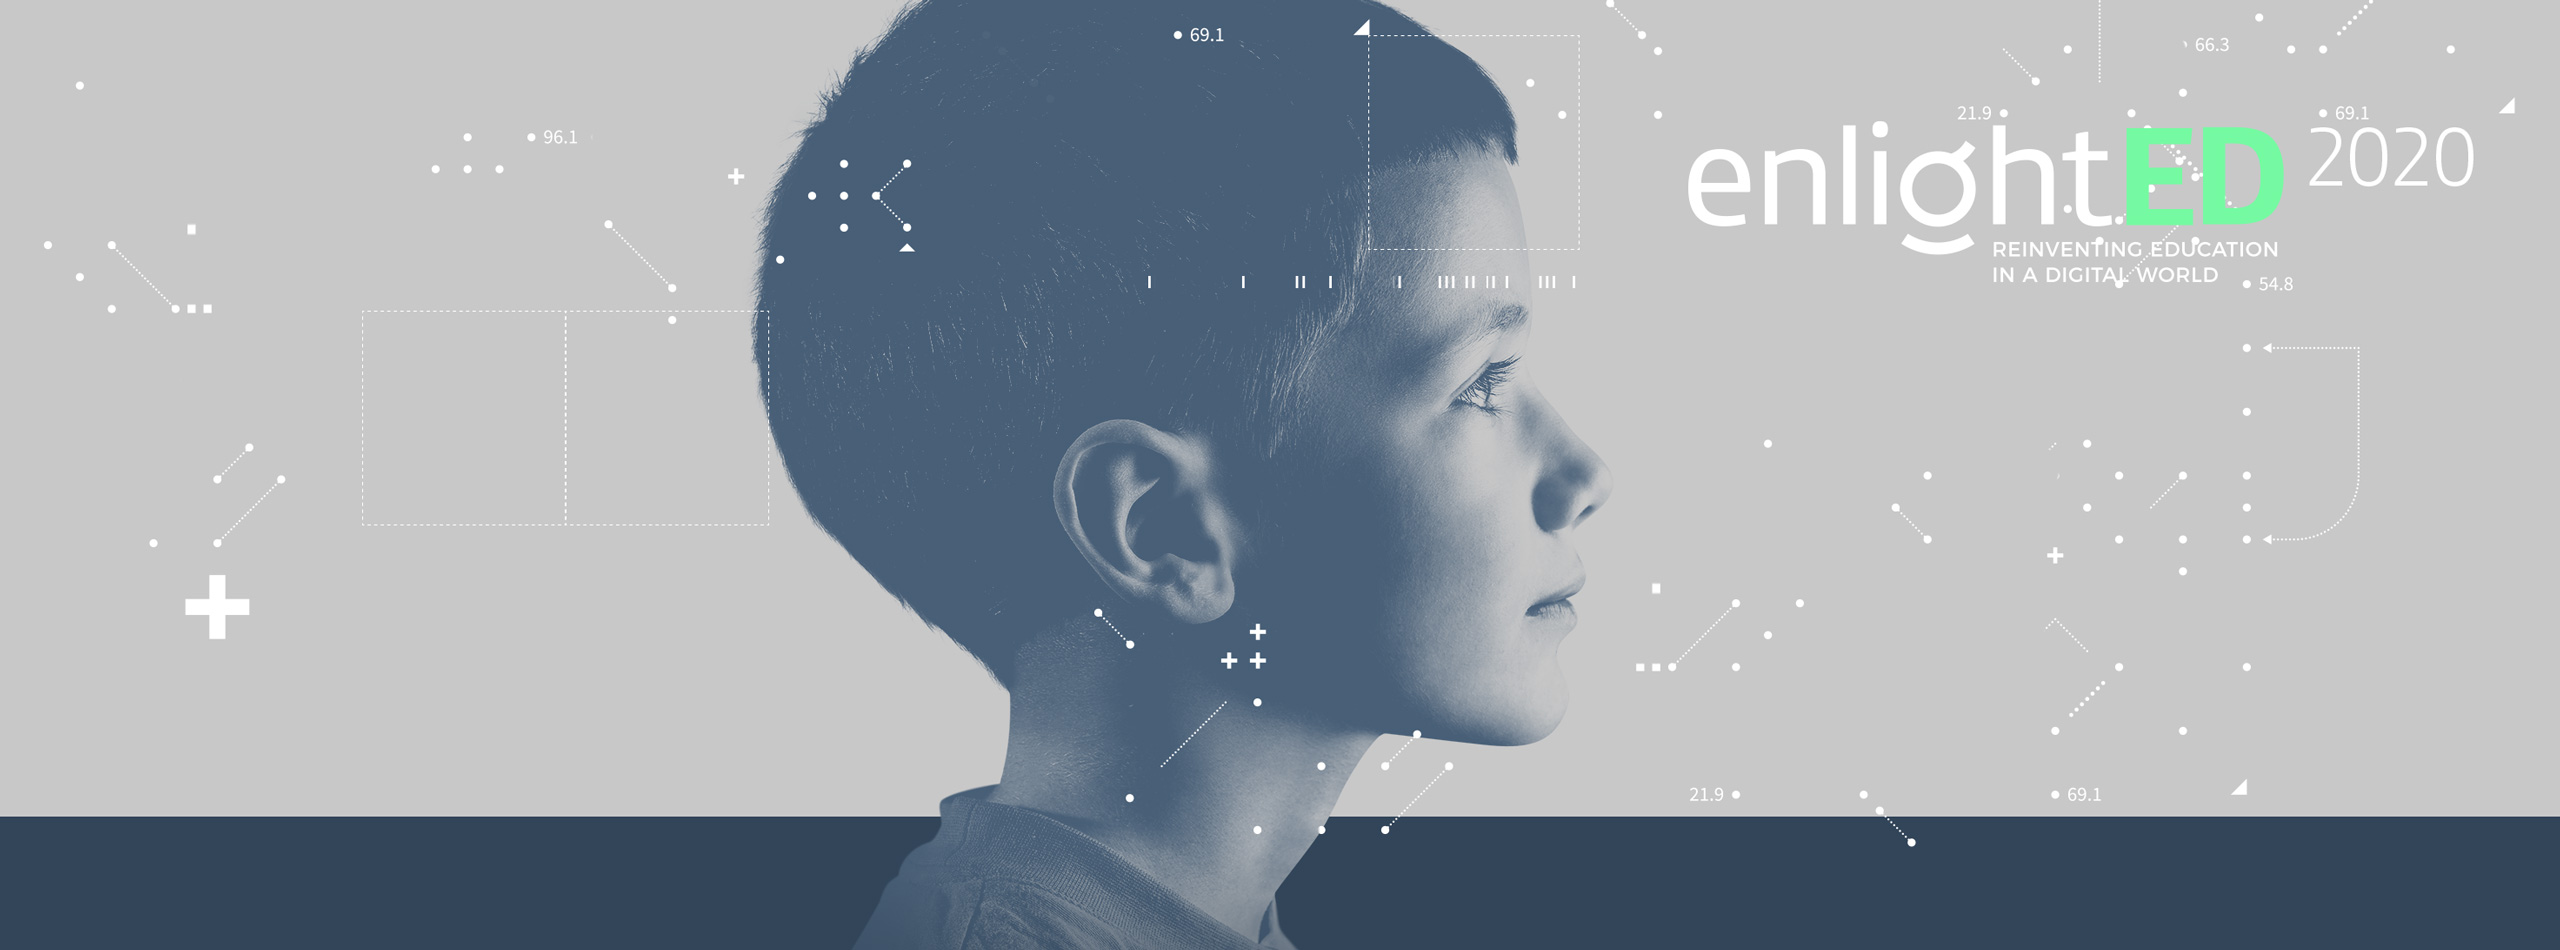 enlightED: un encuentro mundial sobre el futuro de la educación